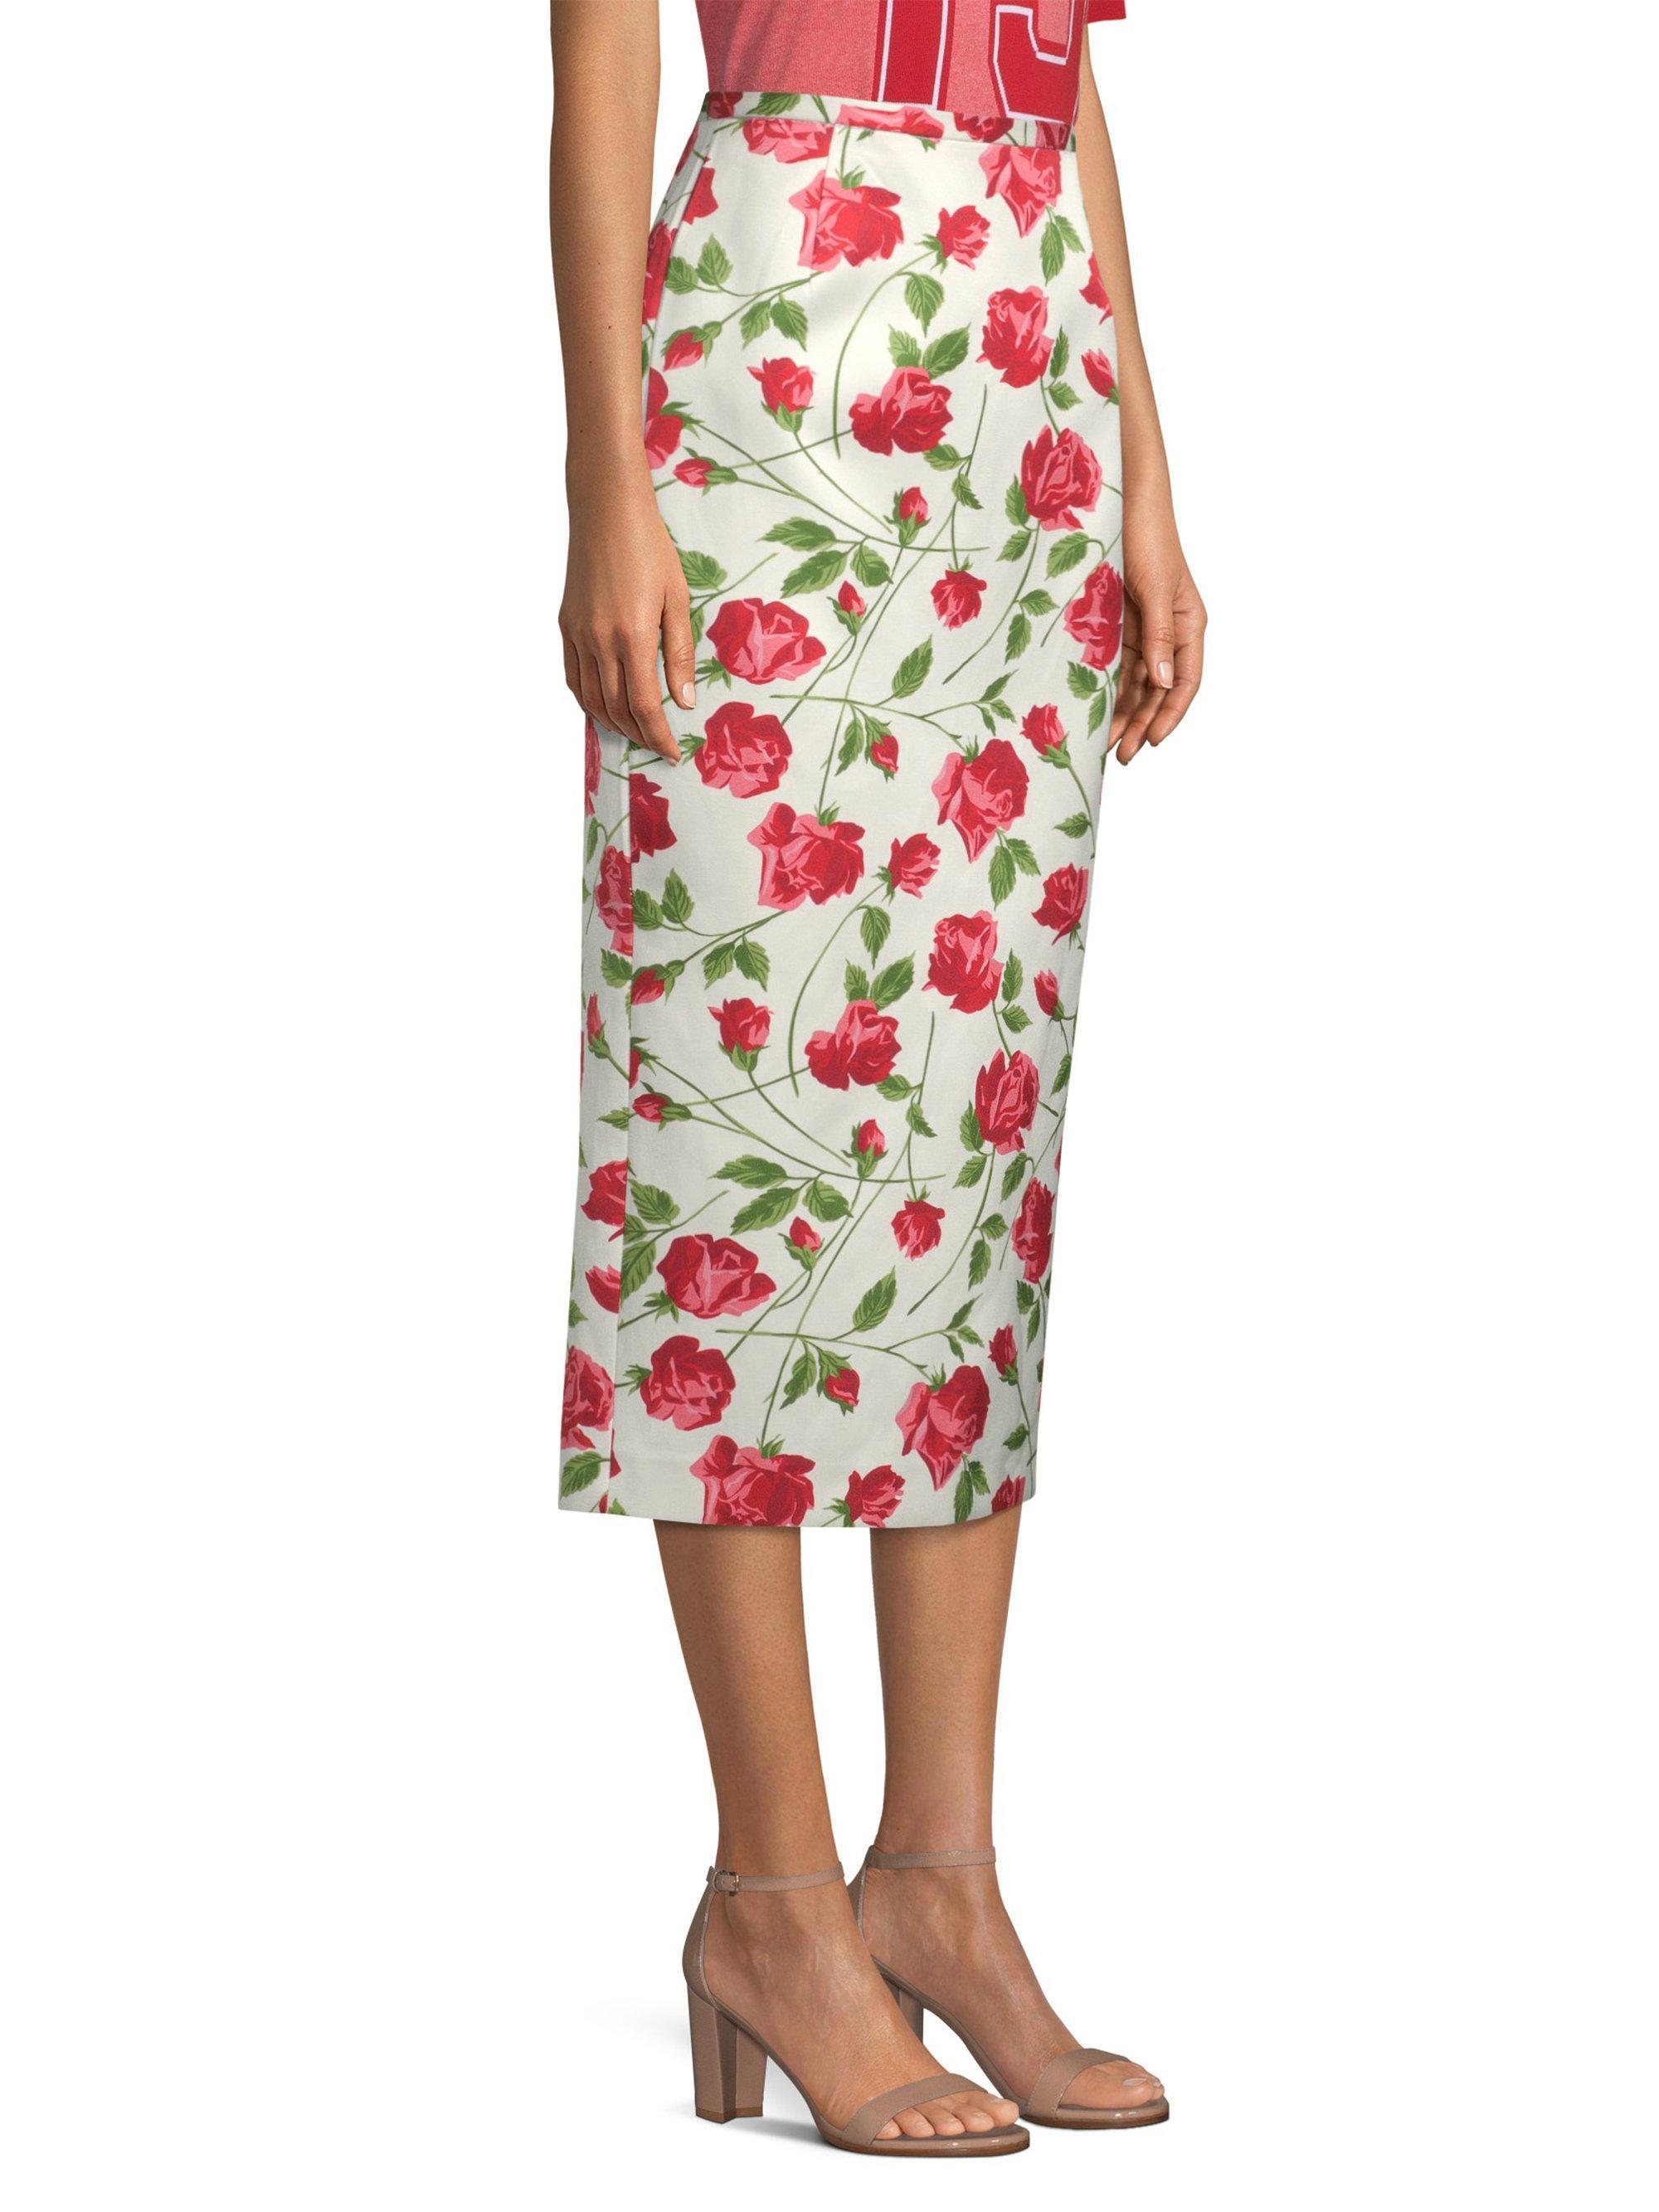 68e72e5be0709 Michael Kors Rose Print Pencil Skirt - Lyst